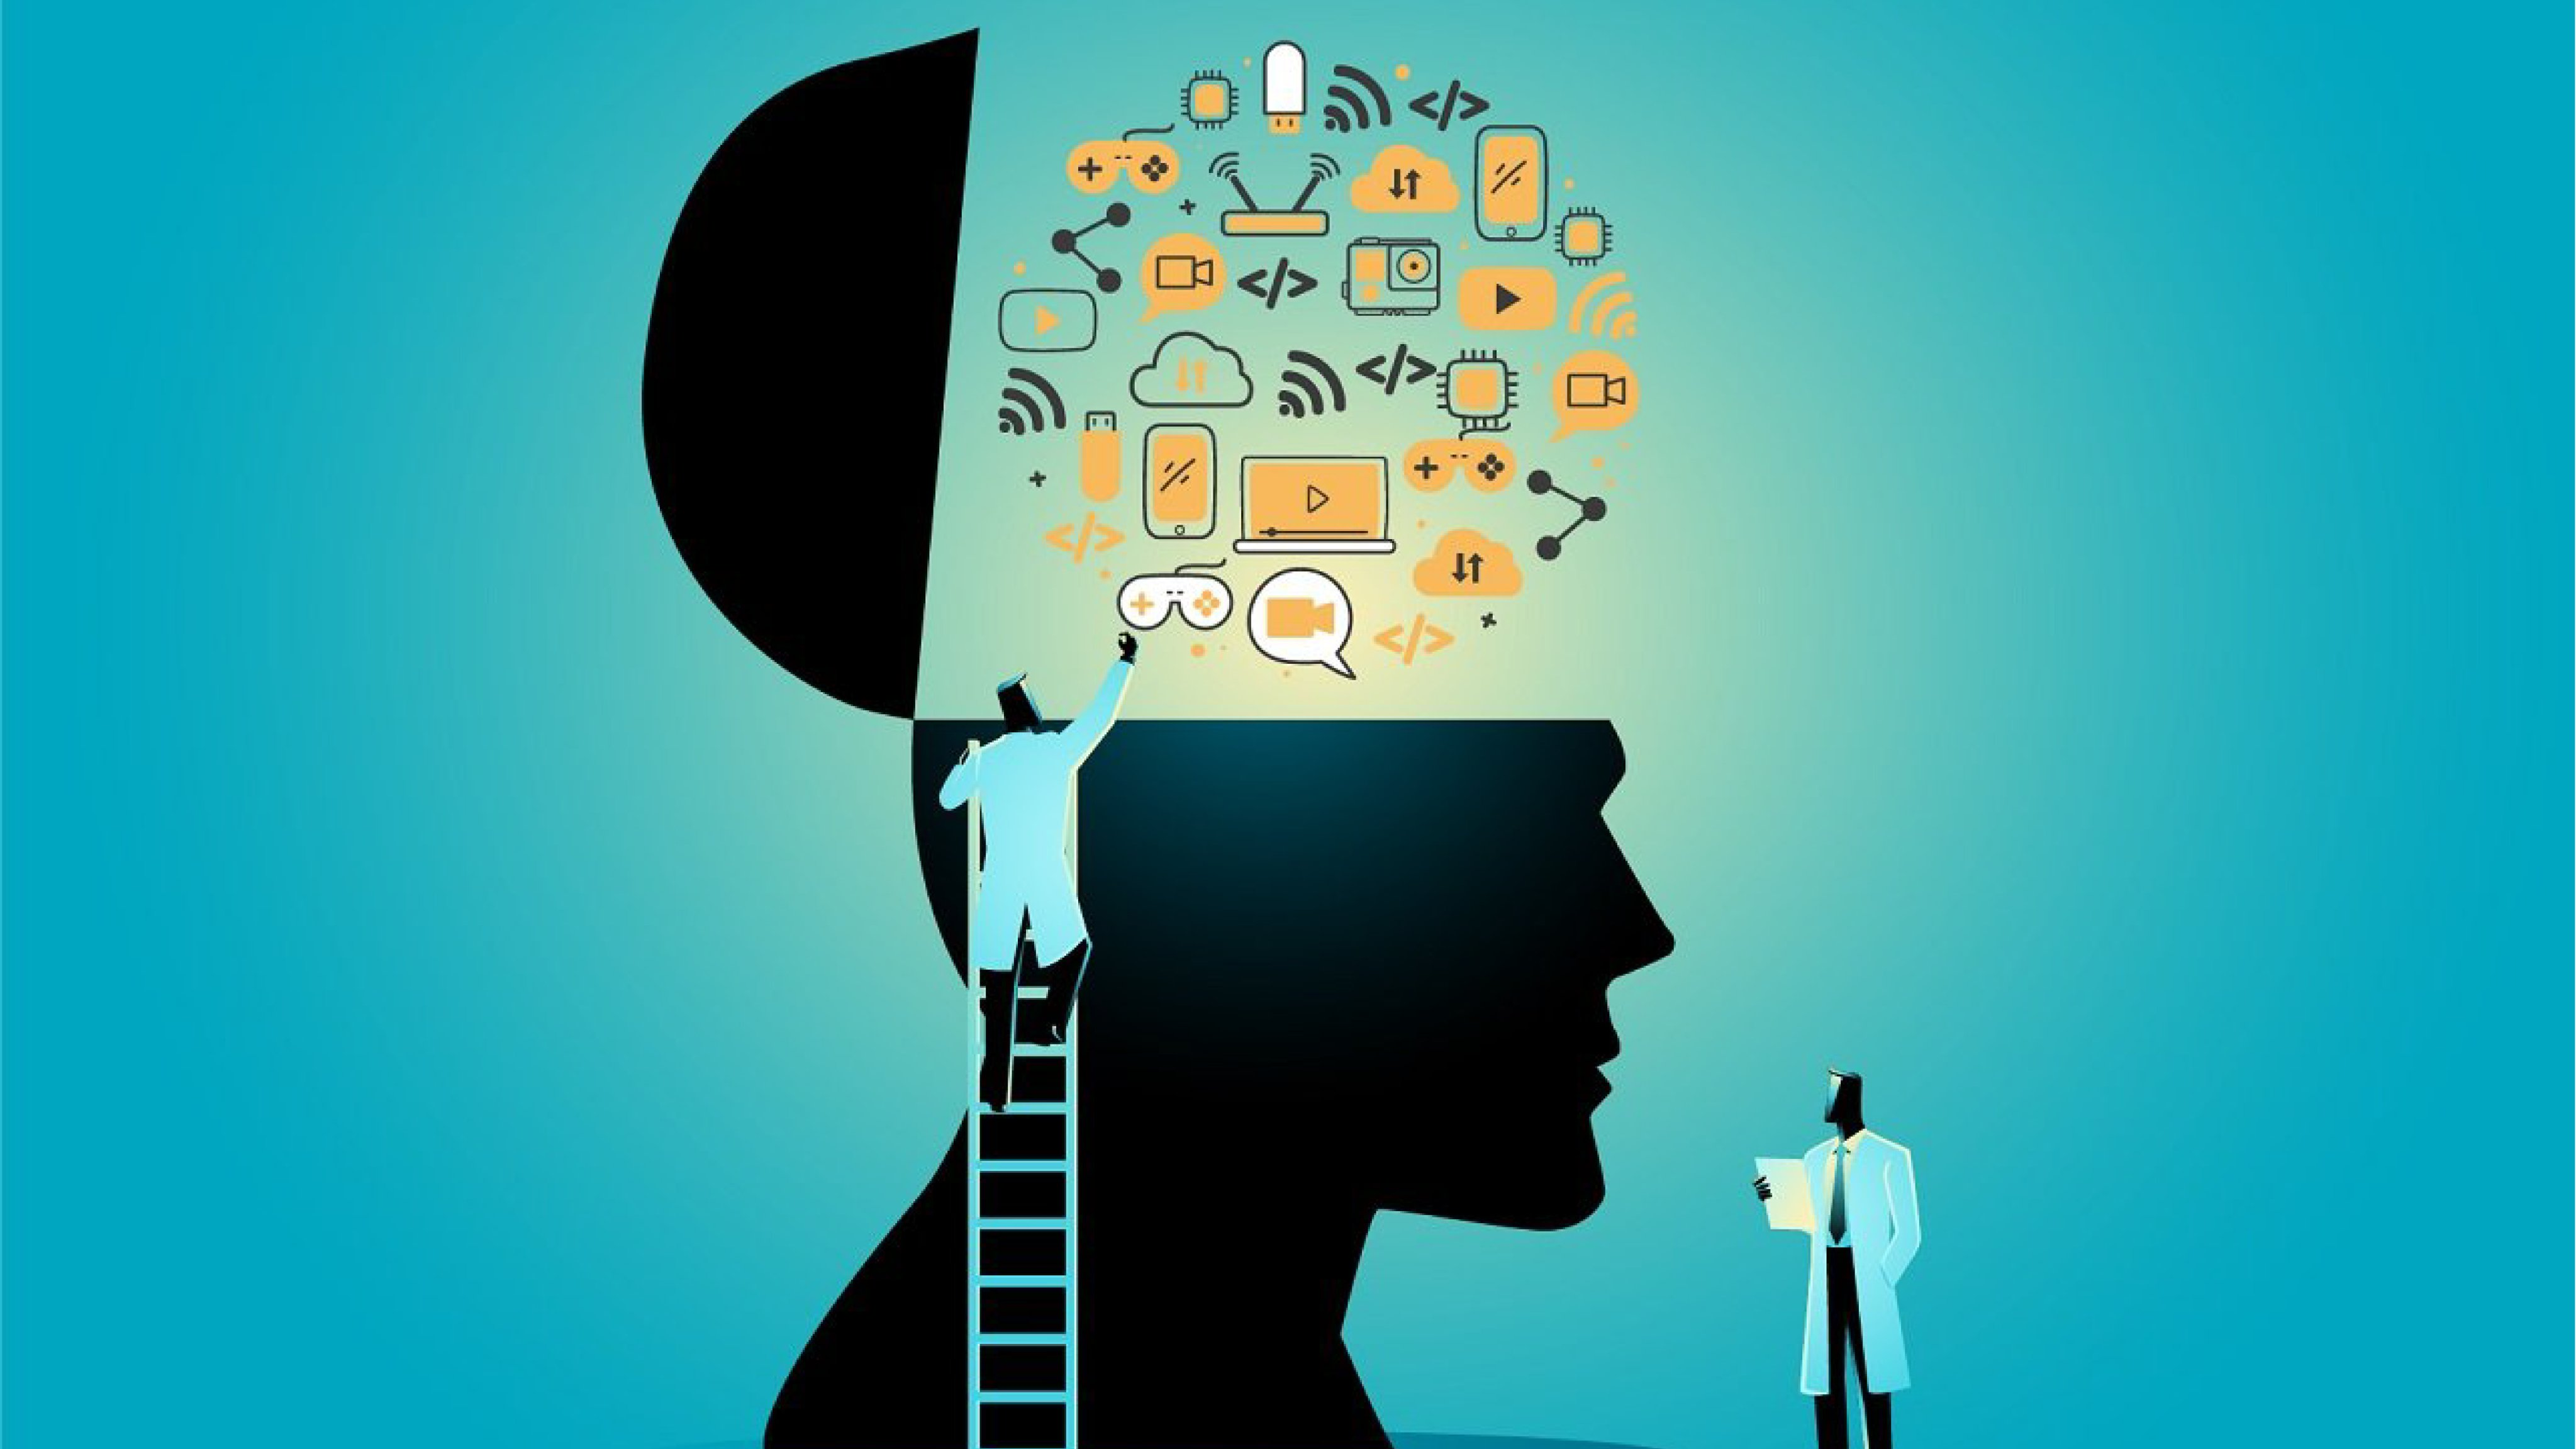 eDoctor - 7 chứng bệnh tâm lý thường gặp - trầm cảm có phải là nguy hiểm nhất?